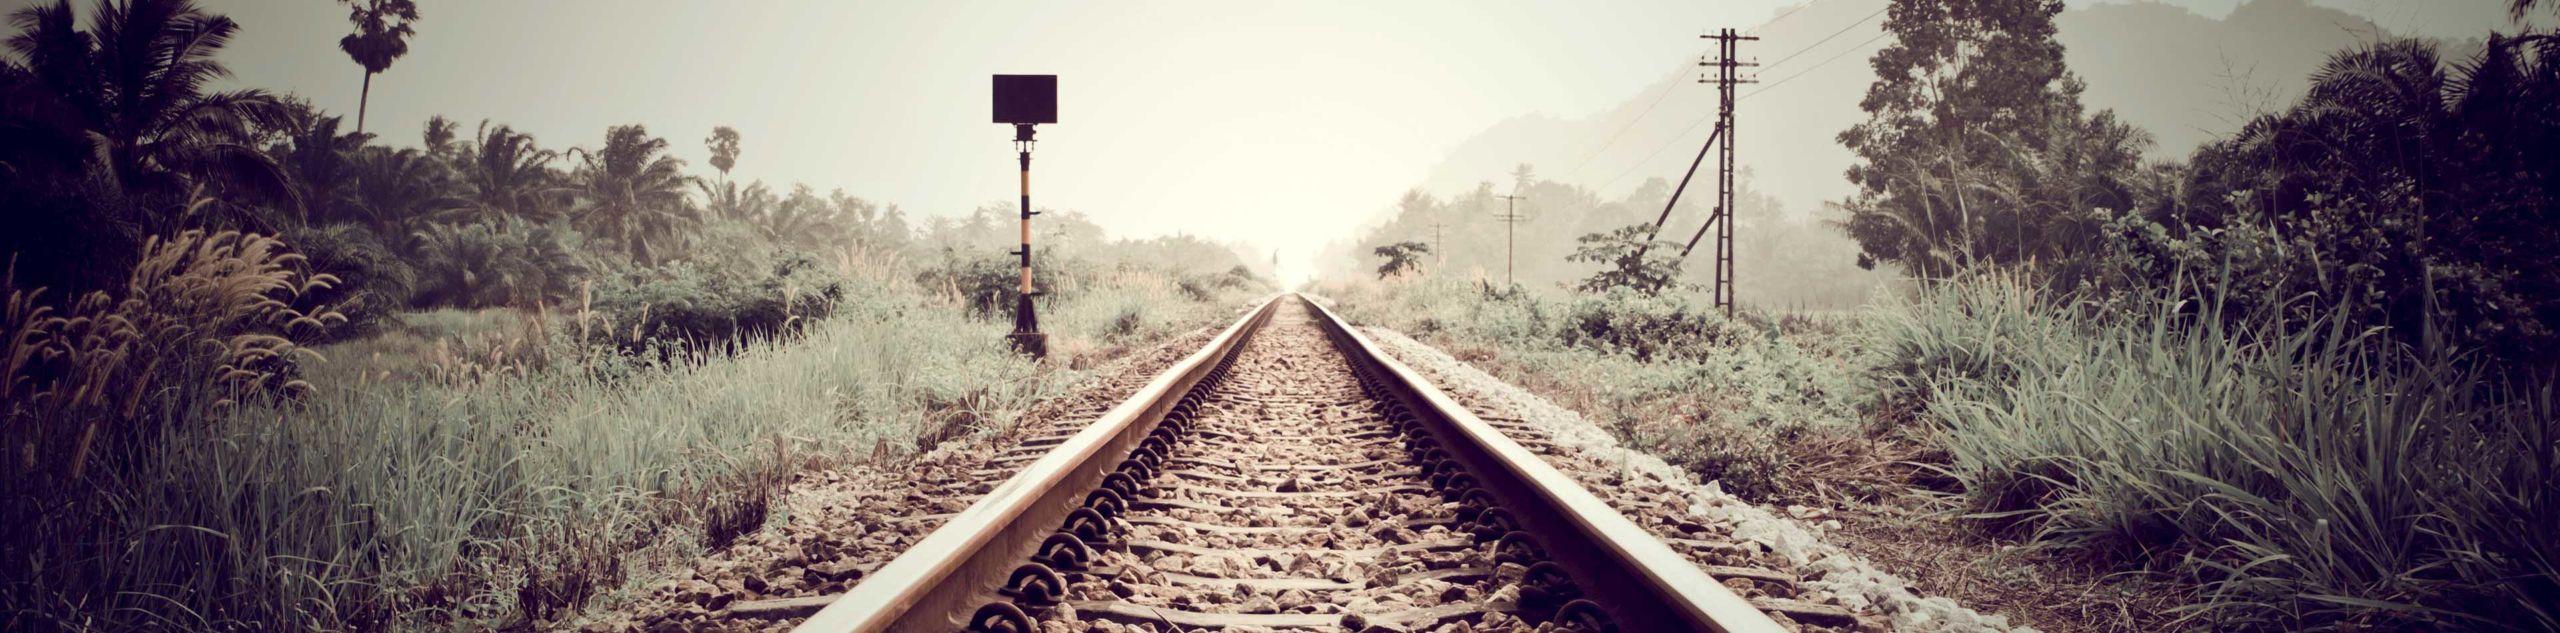 railroading plot spielleiter